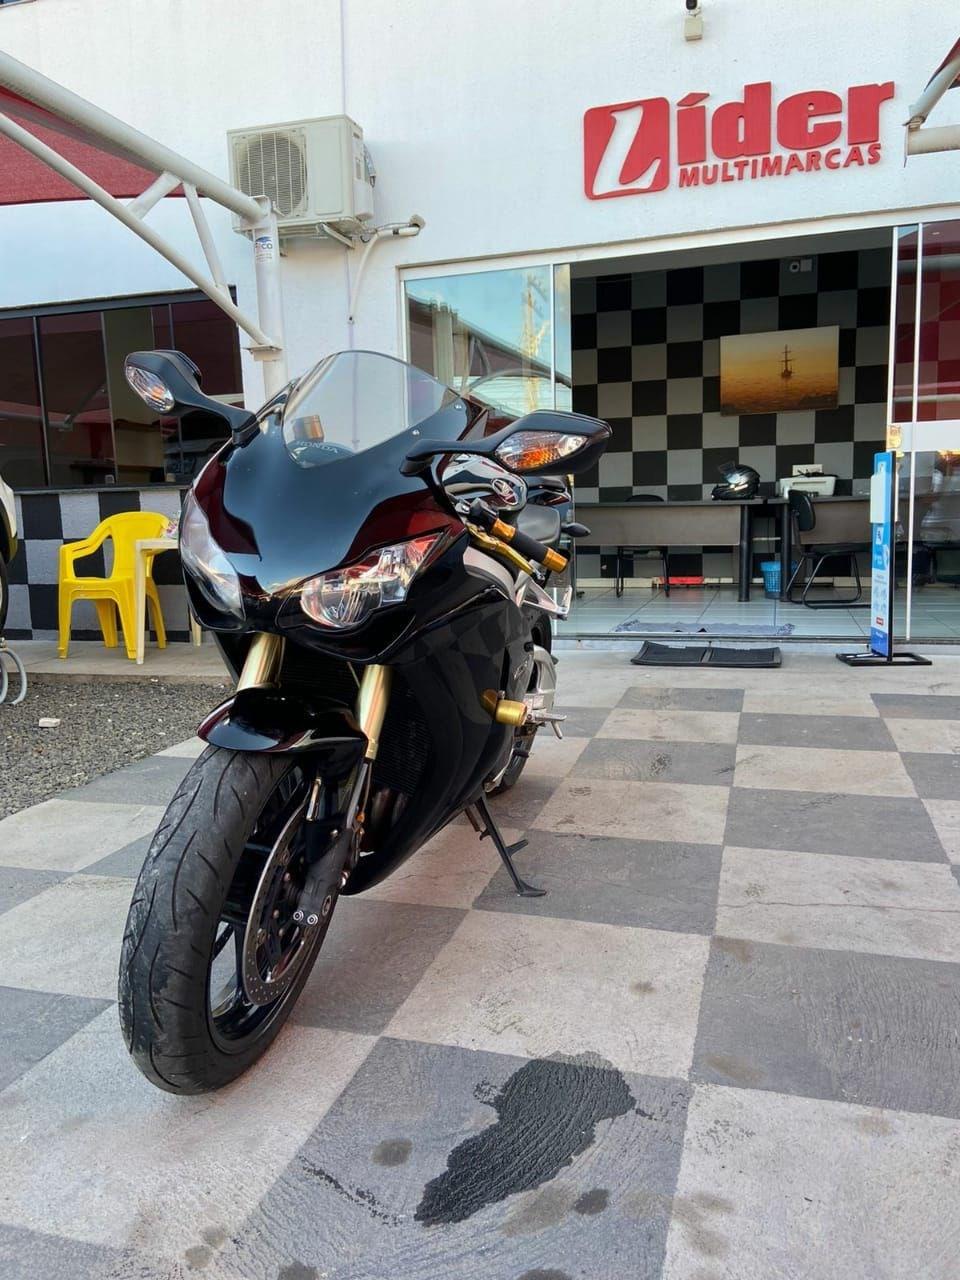 //www.autoline.com.br/moto/honda/cbr-1000-rr-firebladestd-gas-mec-basico/2010/caldas-novas-go/15628260